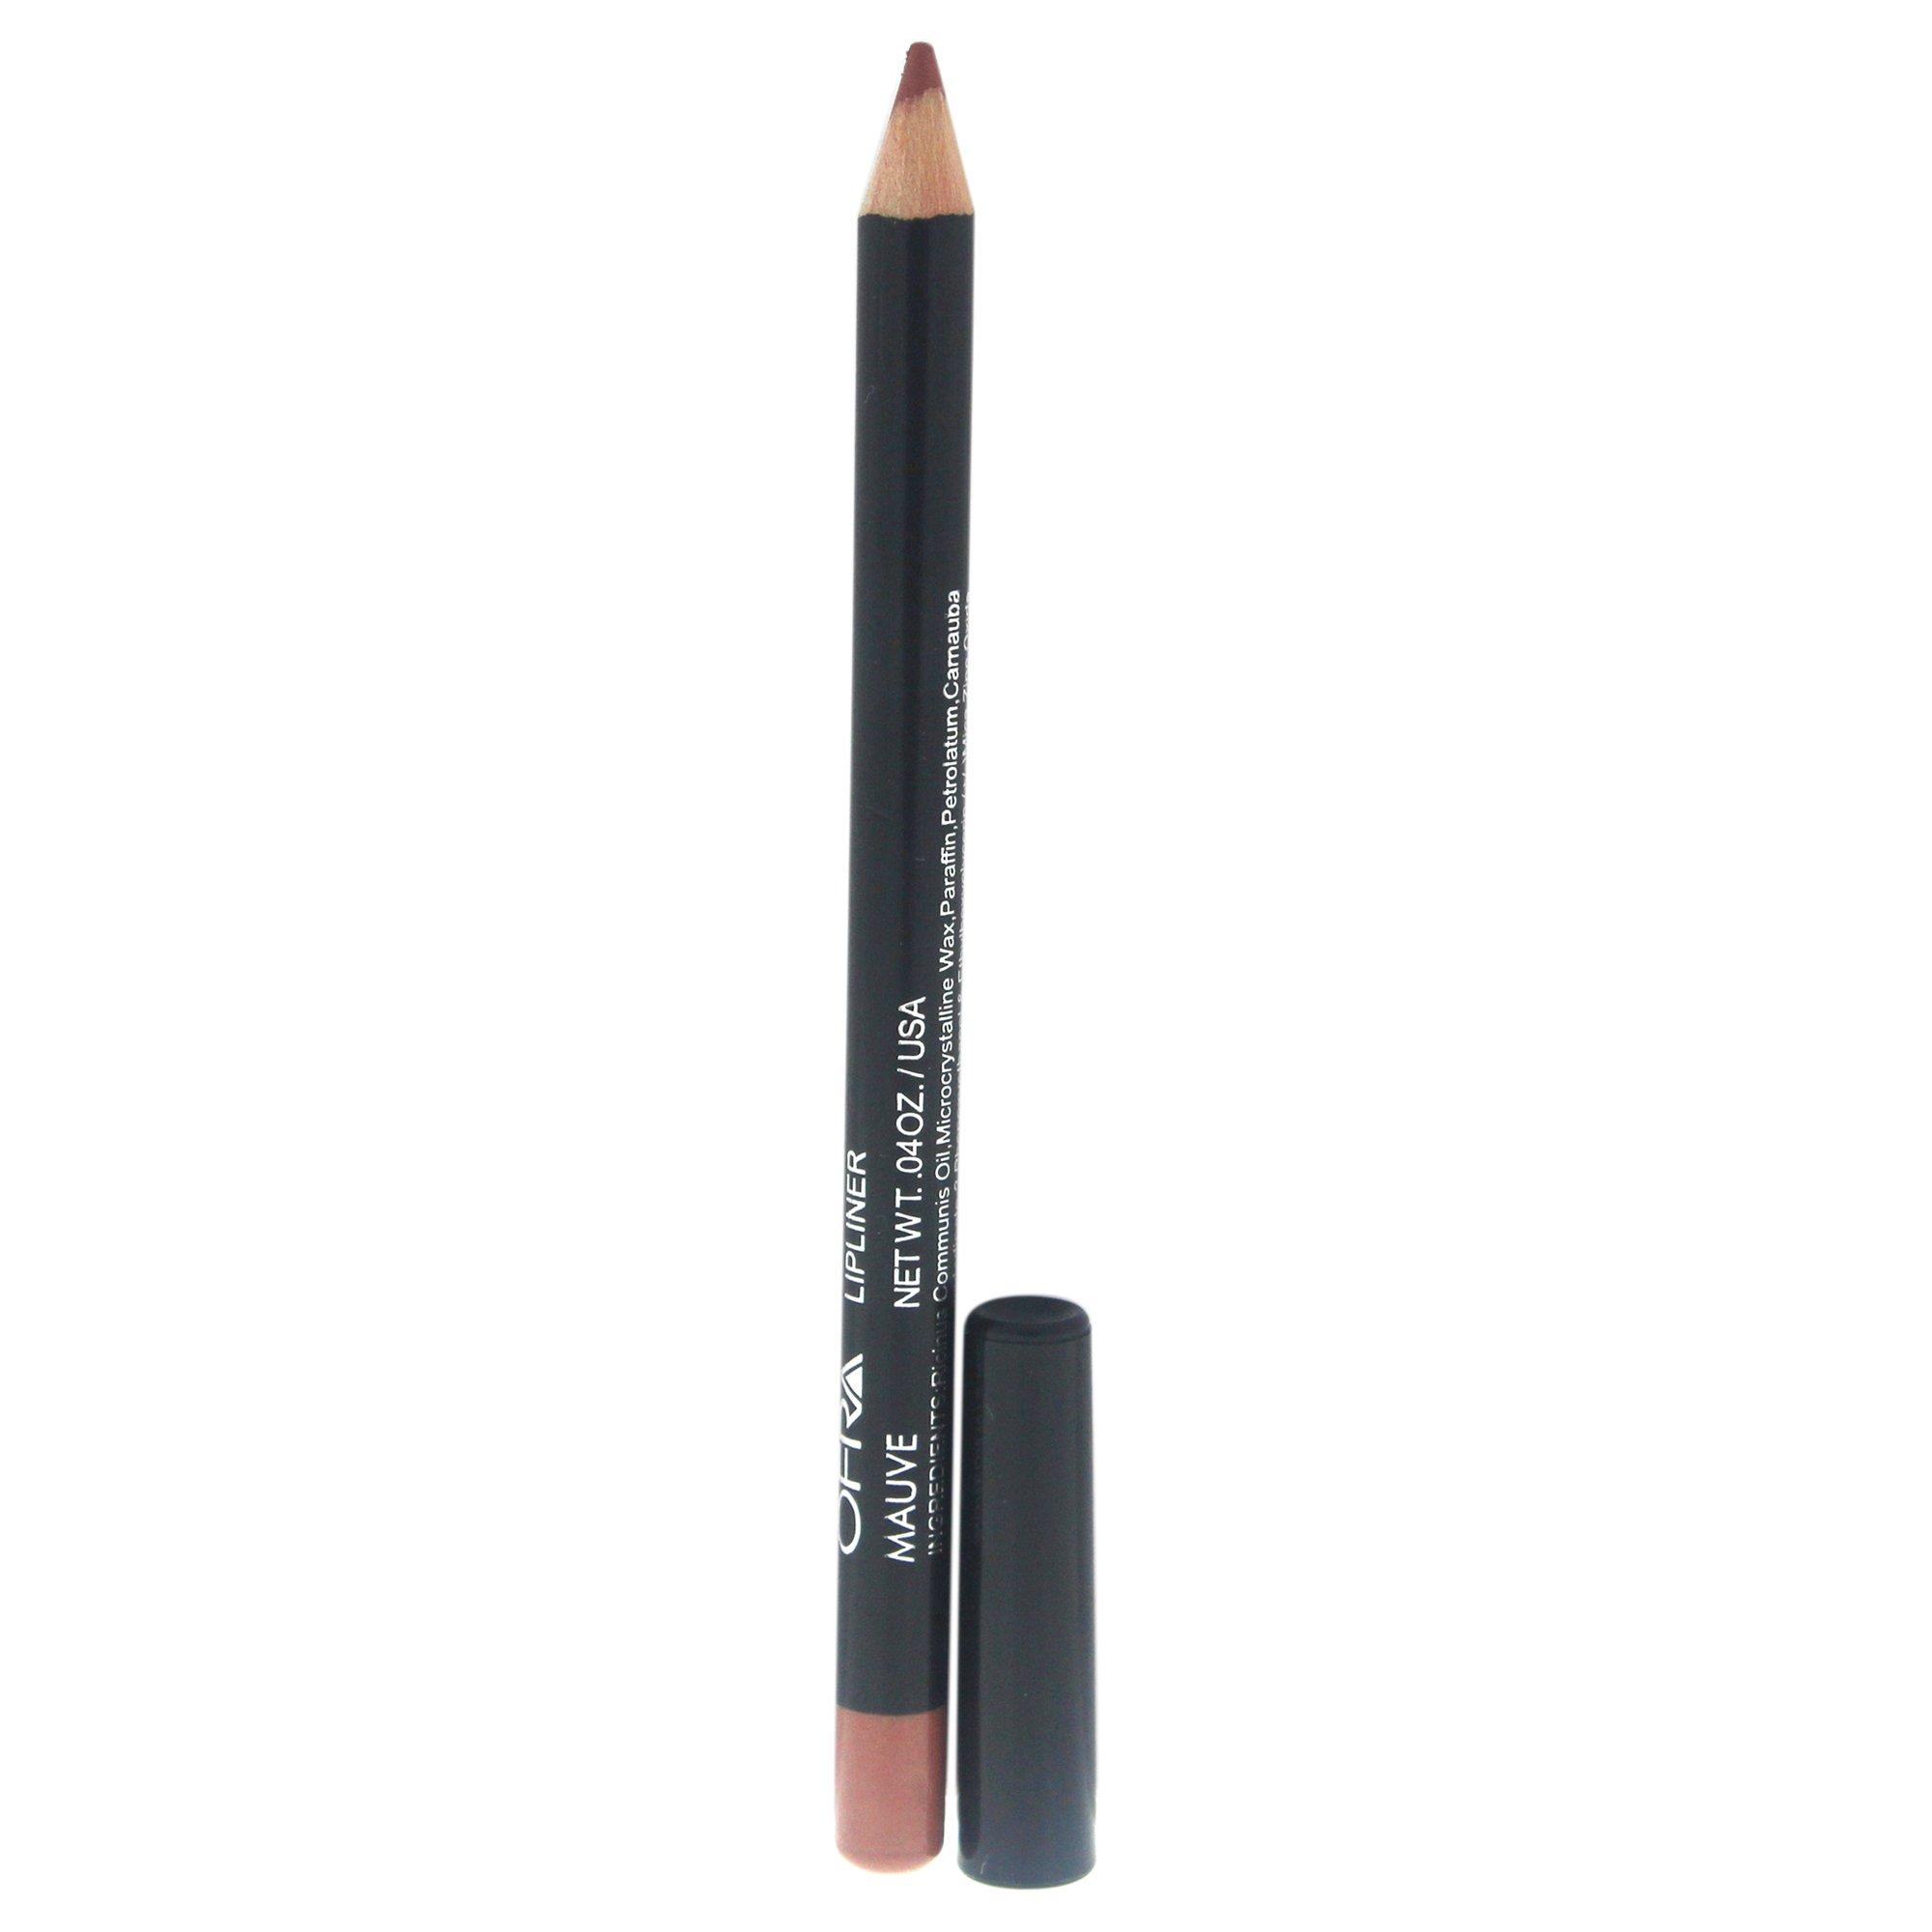 Ofra Lip Liner for Women, Mauve, 0.04 Ounce